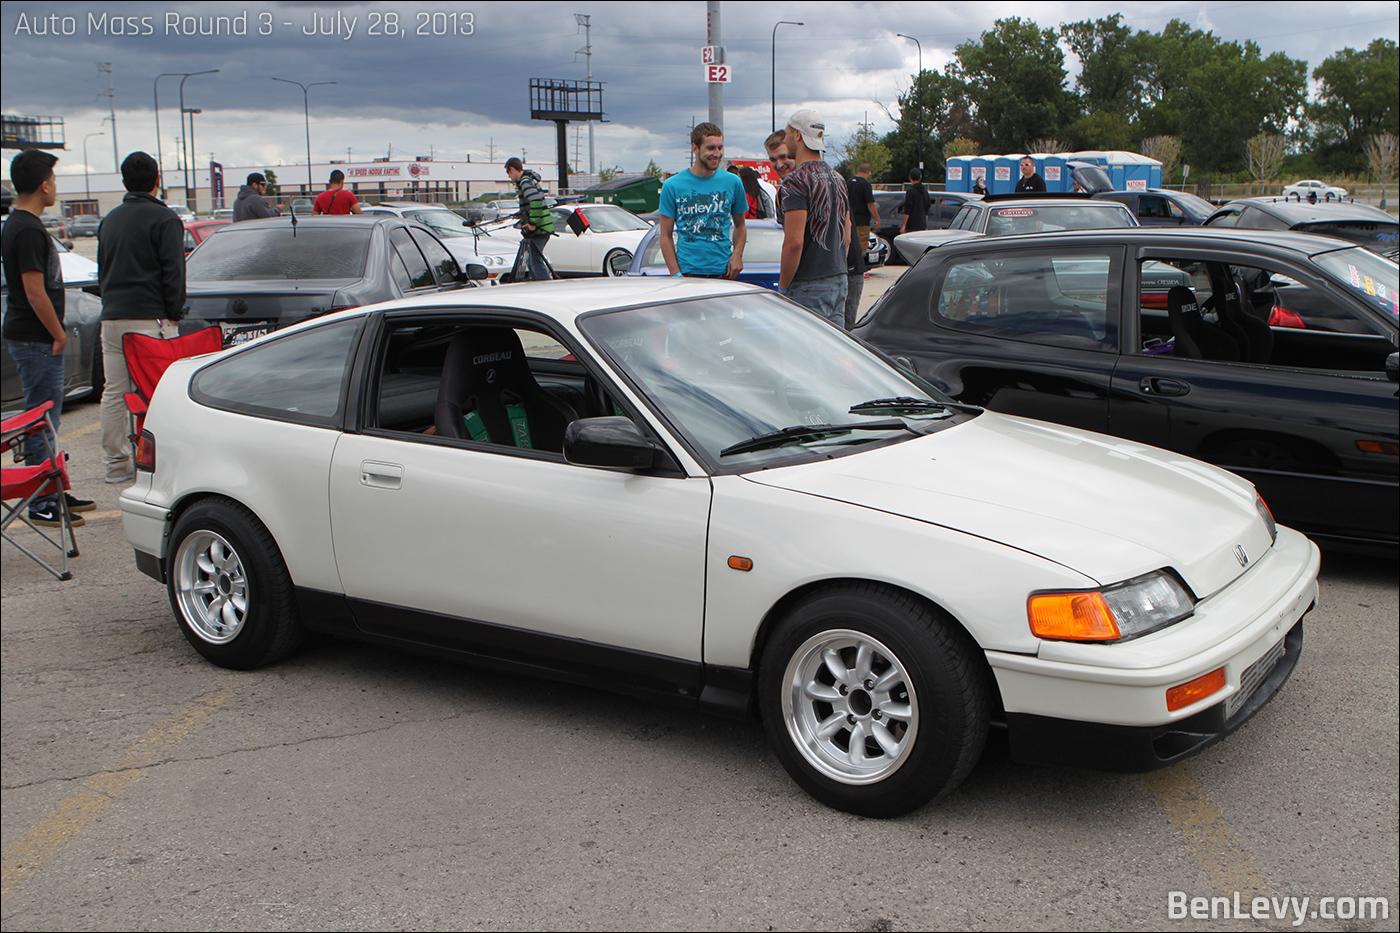 White Honda Crx Benlevy Com